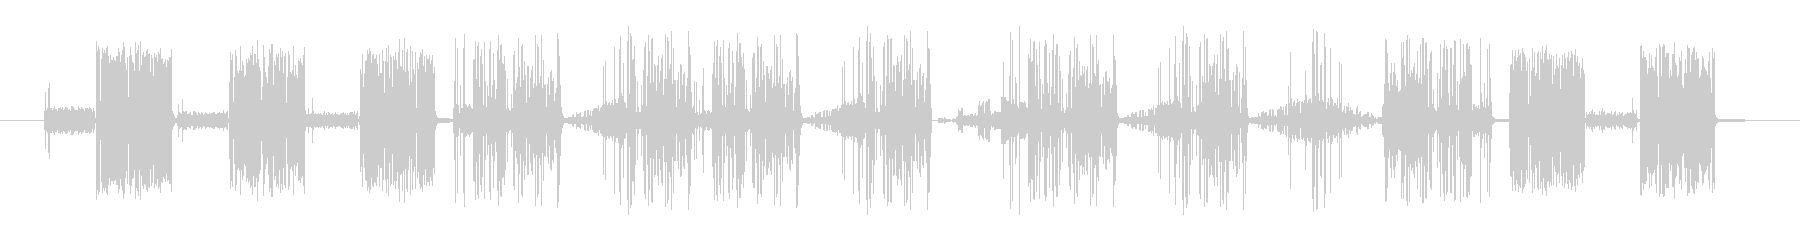 奇数Staticvoxスワイプ2の未再生の波形